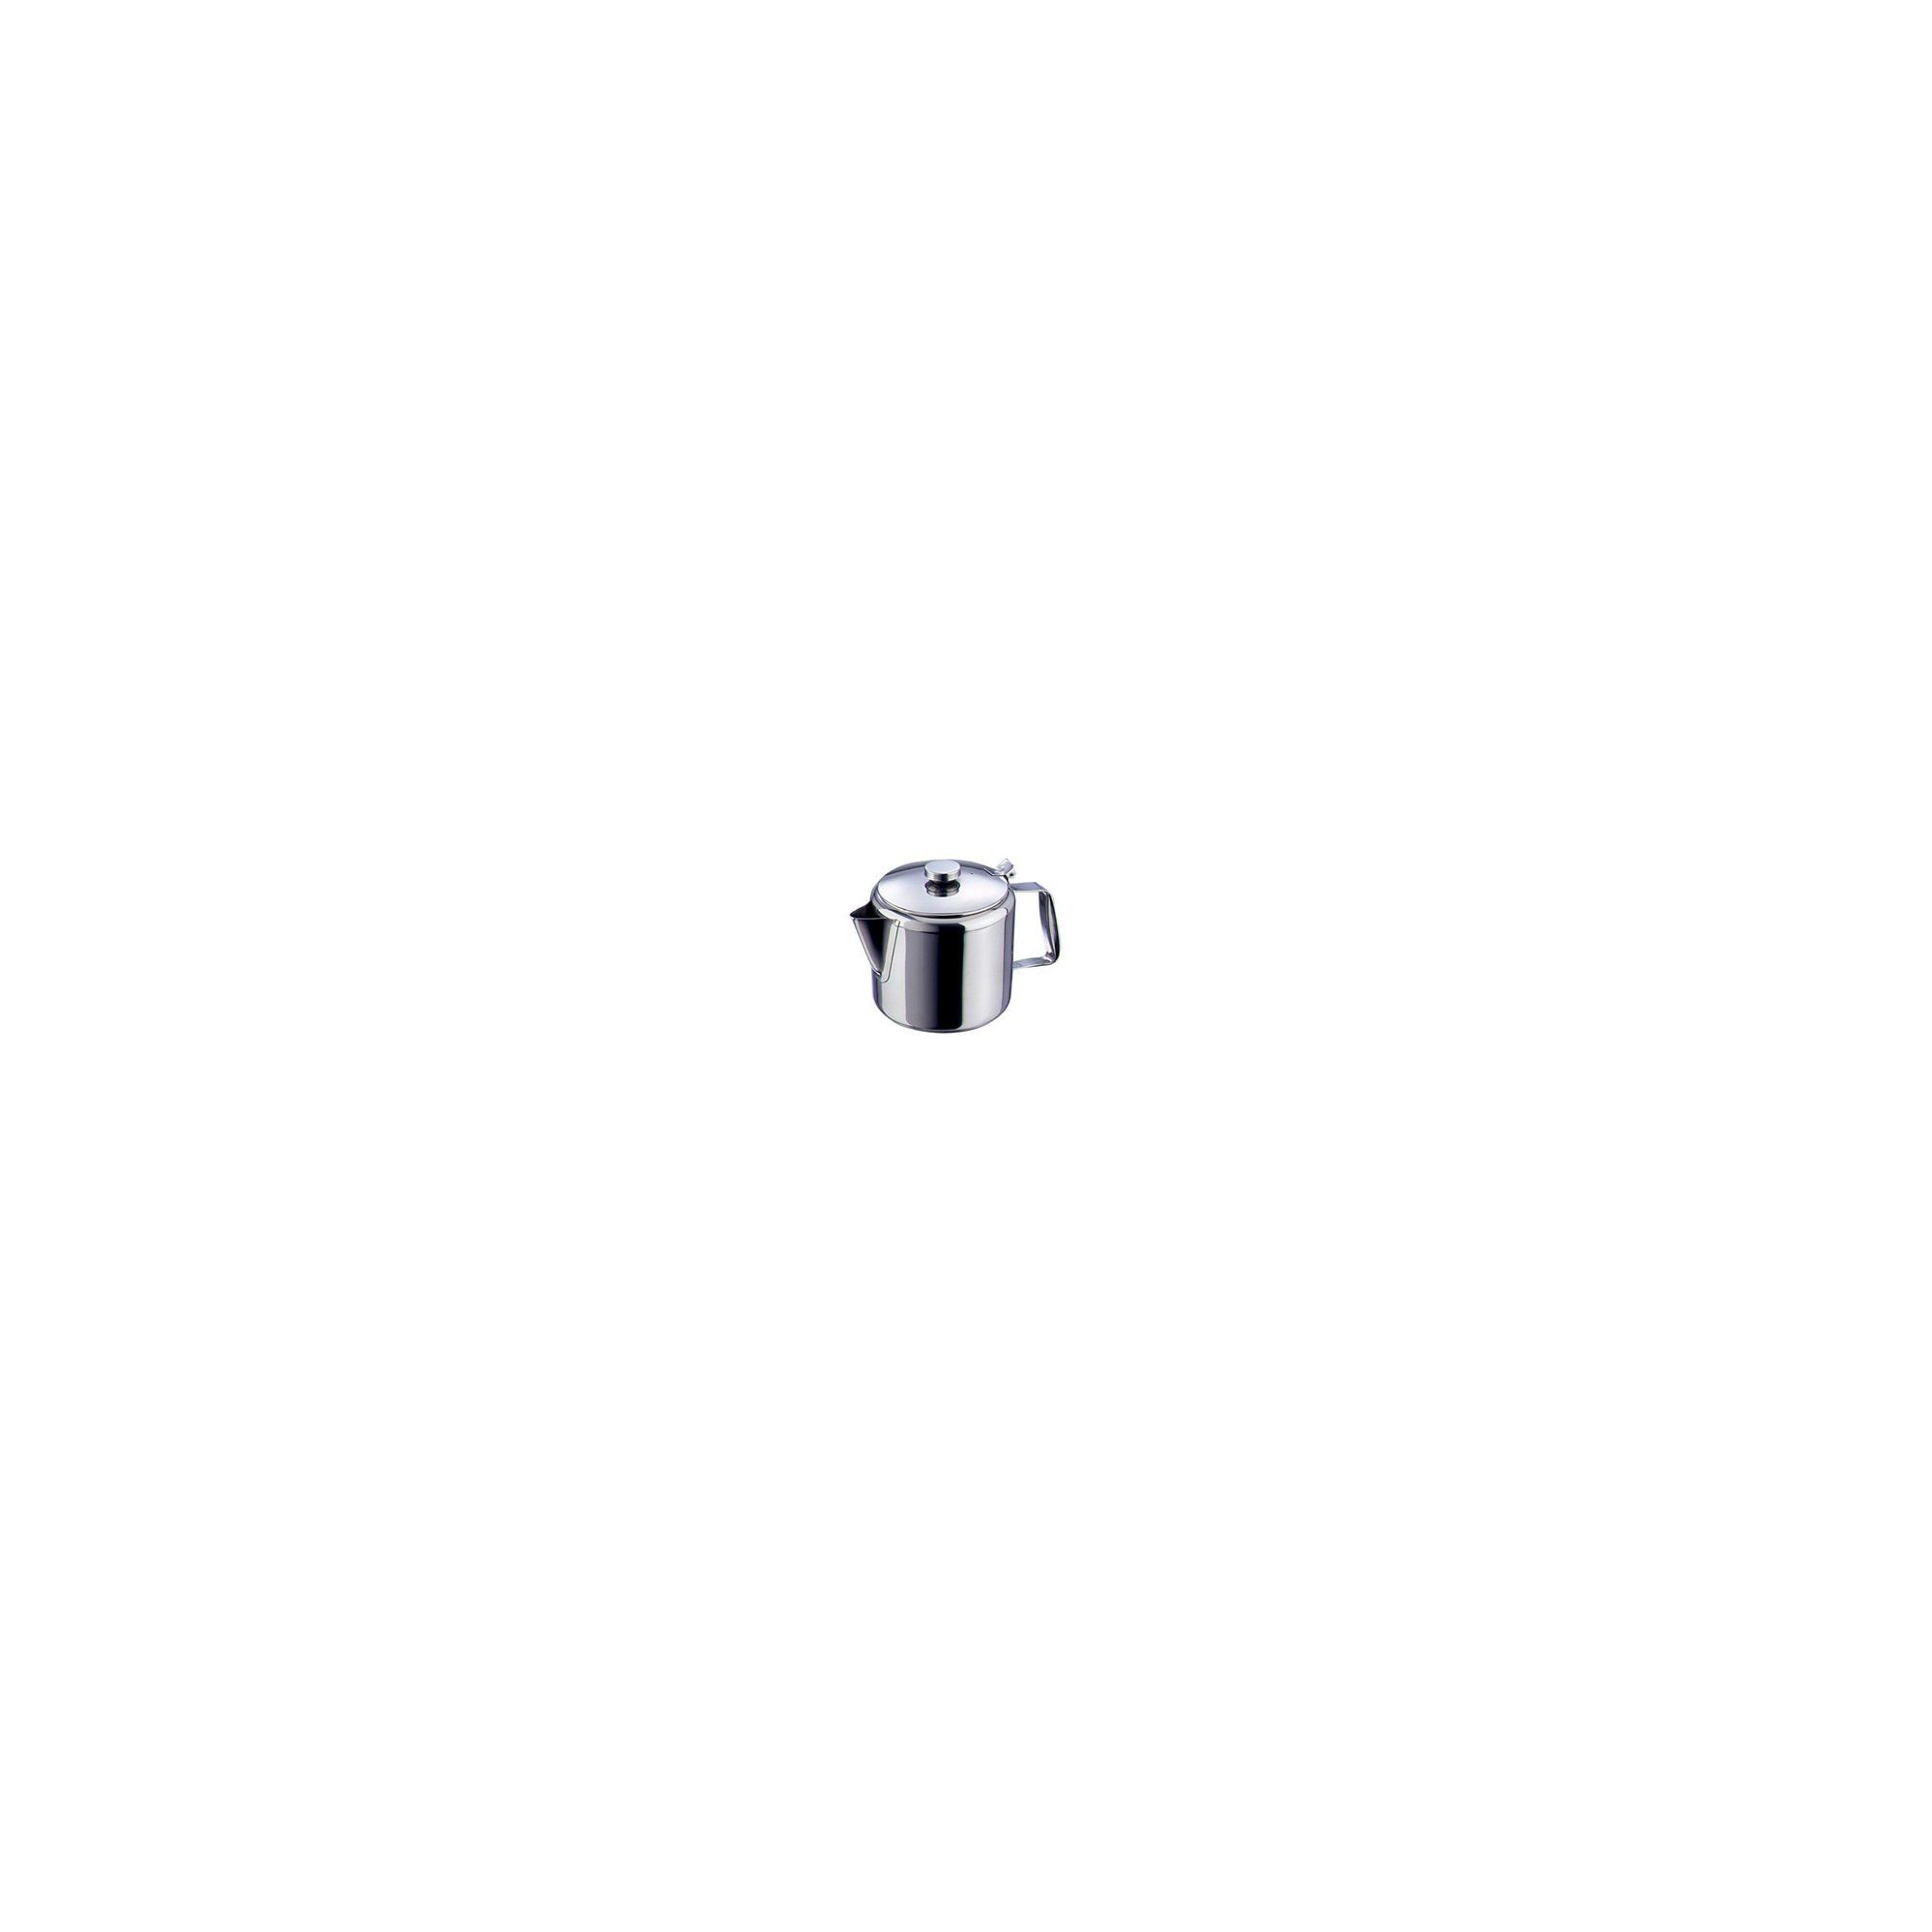 Zodiac 11057/15056 Sunnex Teapot Ss 48Oz